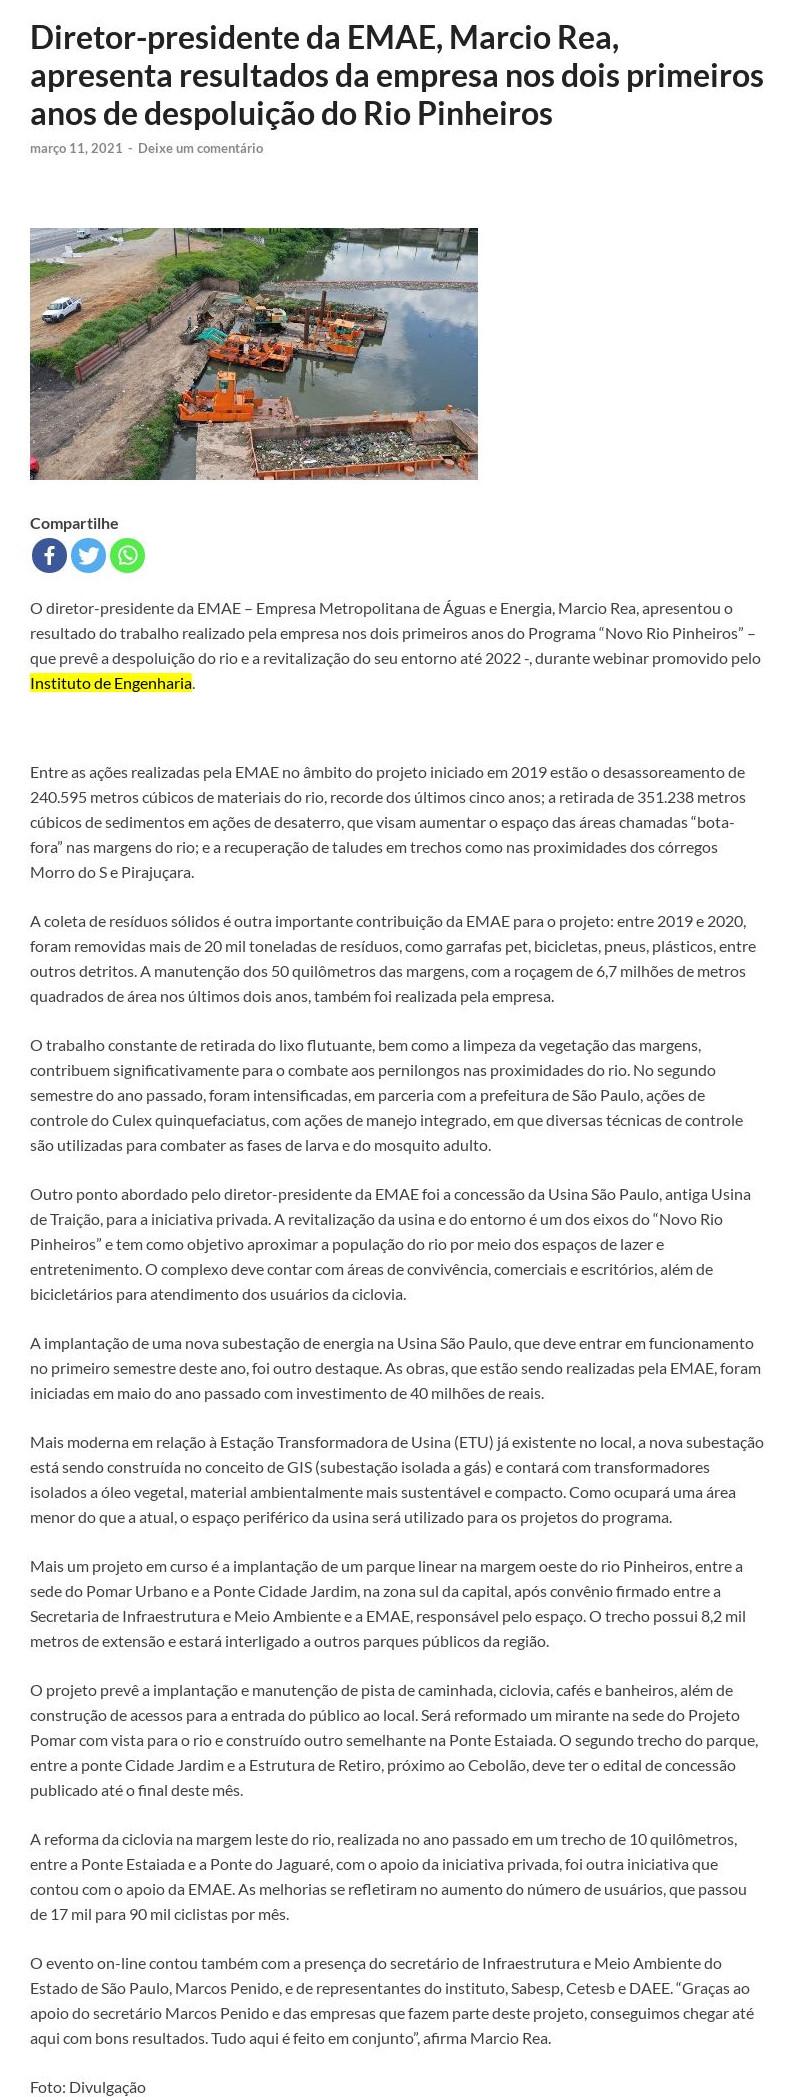 Diretor-presidente da EMAE, Marcio Rea, apresenta resultados da empresa nos dois primeiros anos de despoluição do Rio Pinheiros - Primeira Edição